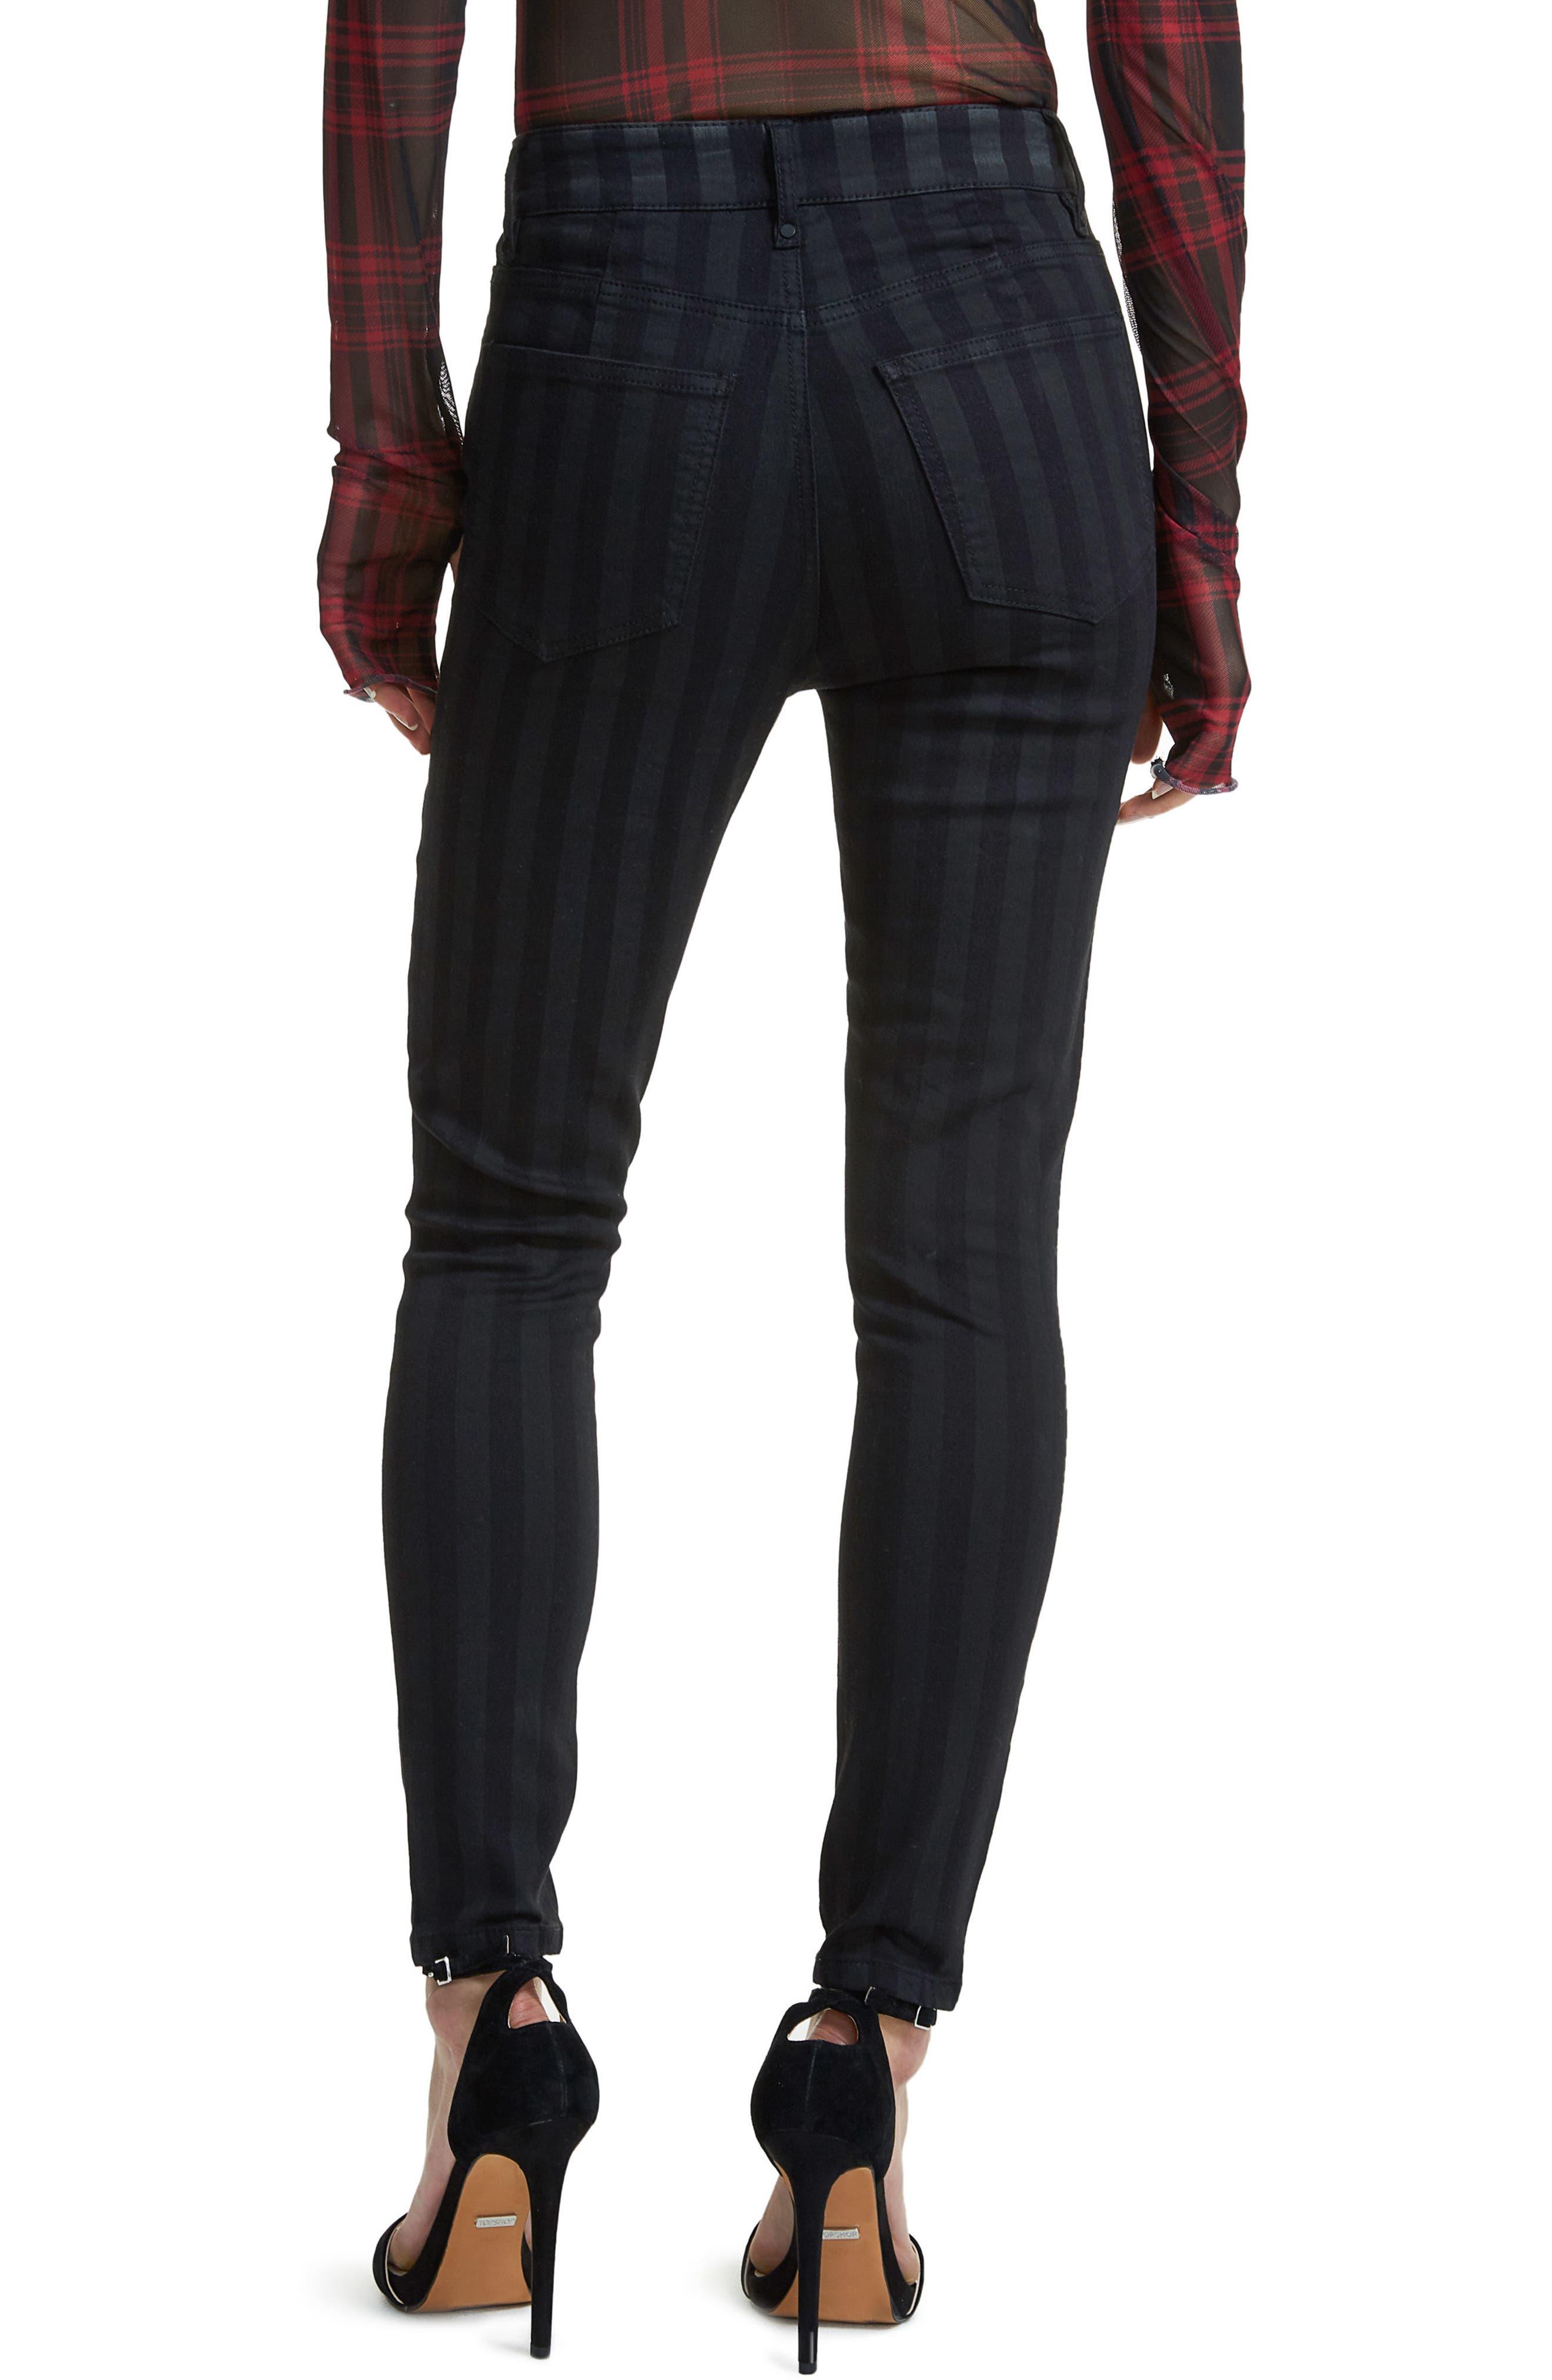 Alden Lace-Up Skinny Jeans,                             Alternate thumbnail 2, color,                             Noir Stripe